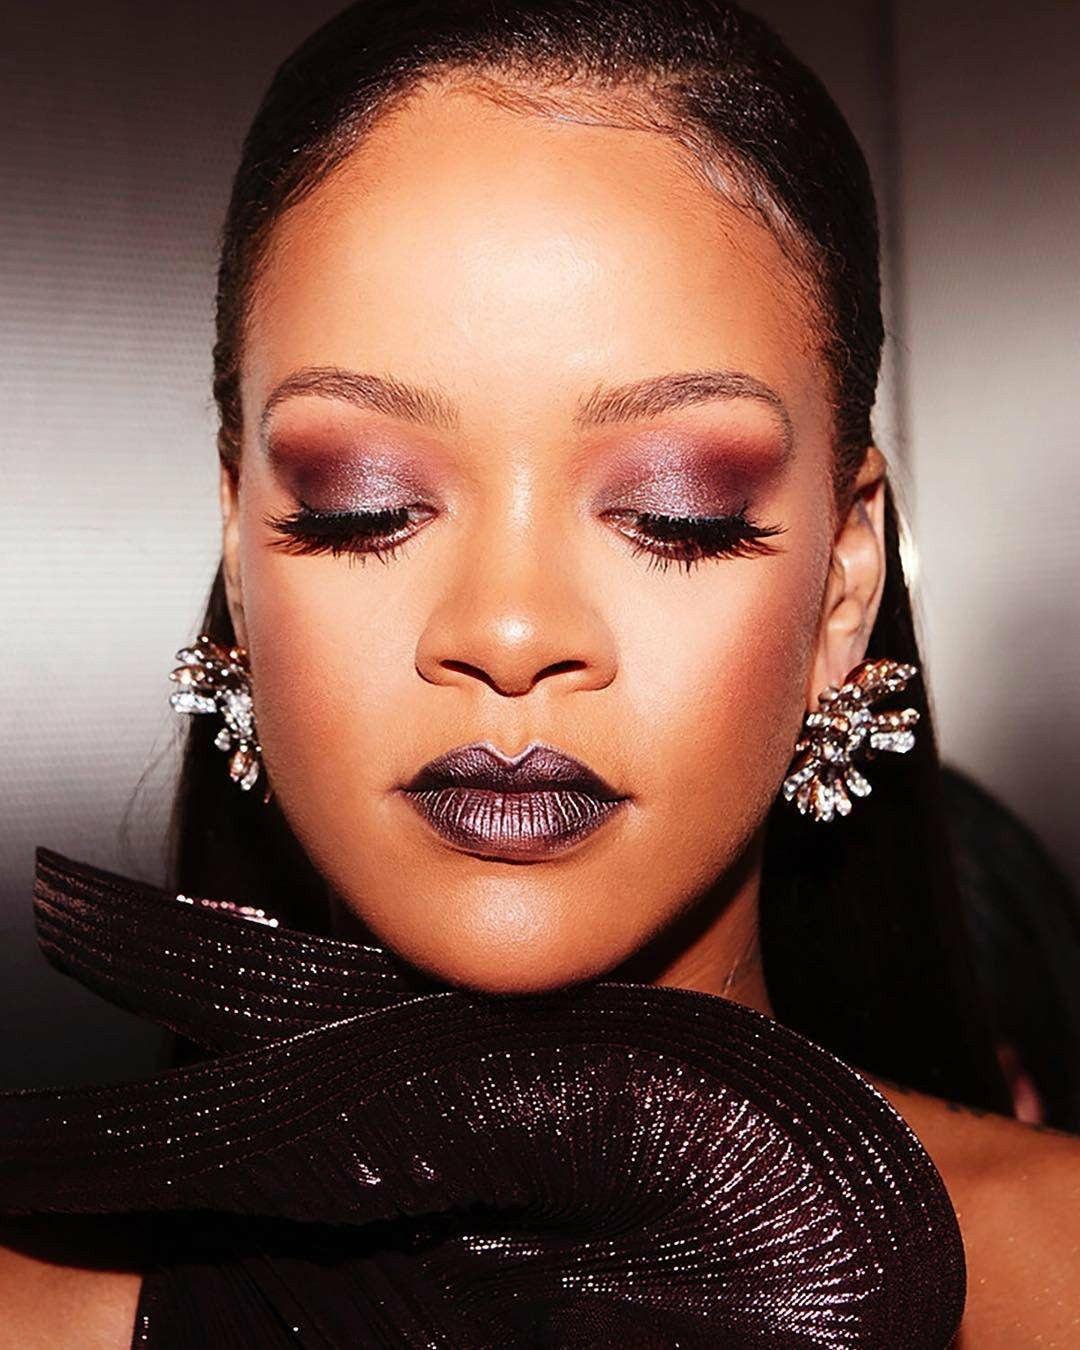 Pin by Maria on Rihanna Fenty beauty, Rihanna photos